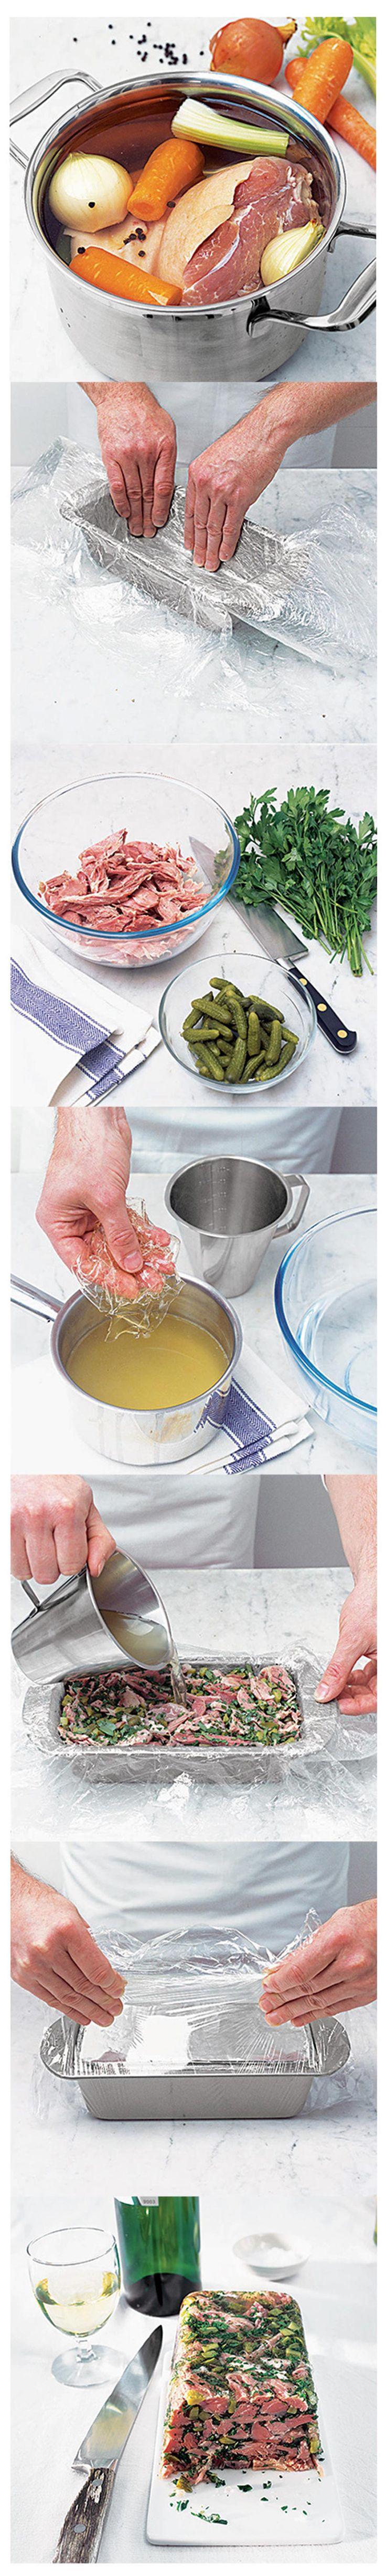 How to make ham hock terrine